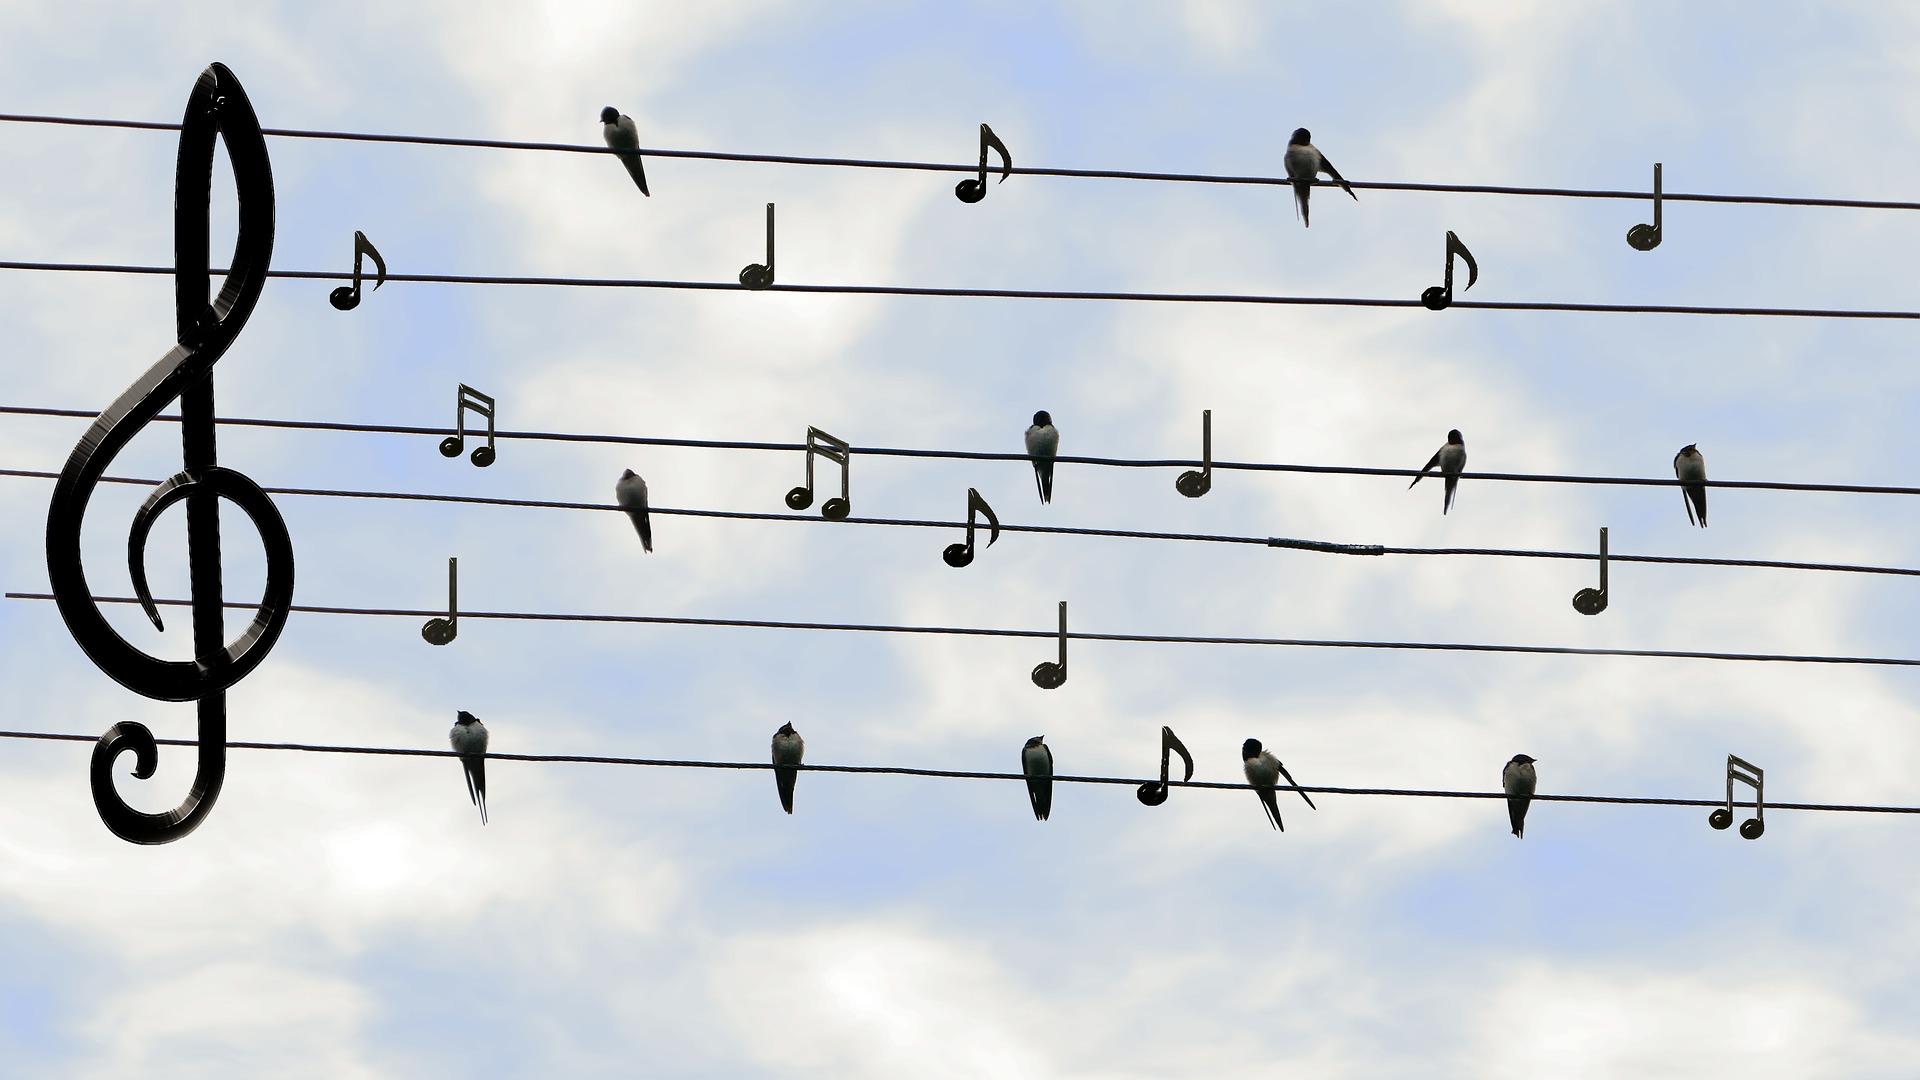 Music scramble